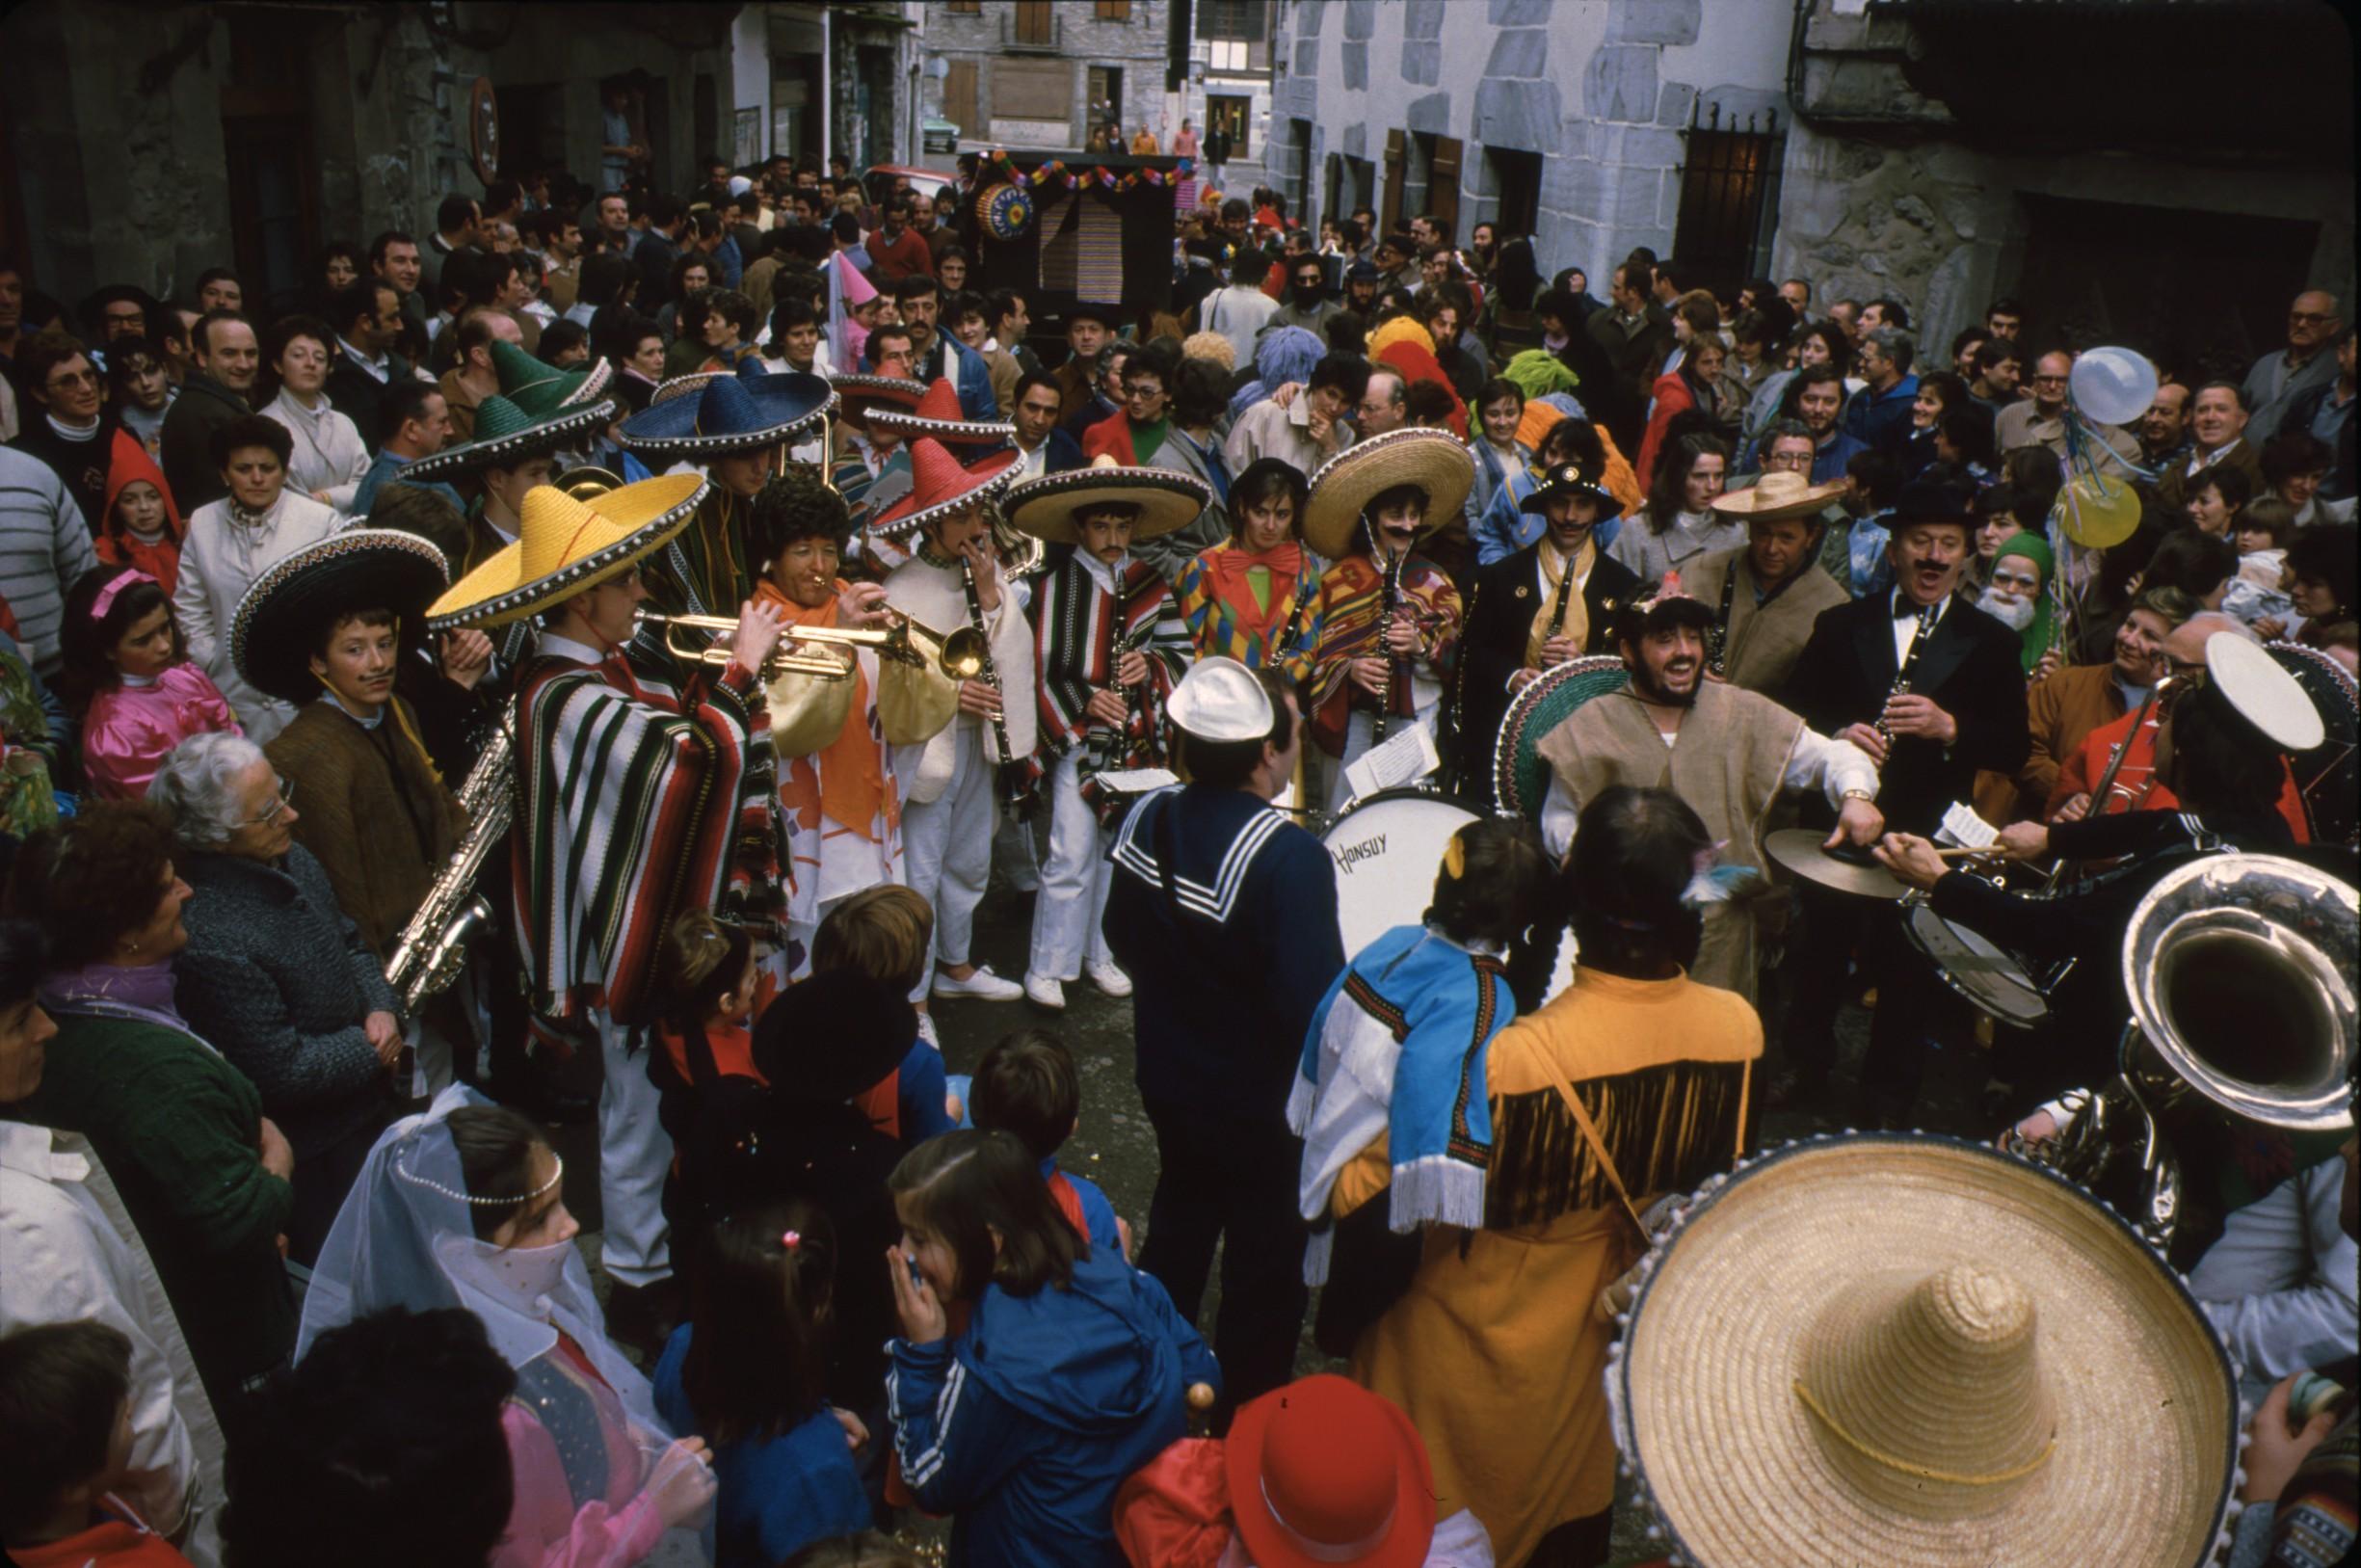 carnaval_lesaka_118.jpg